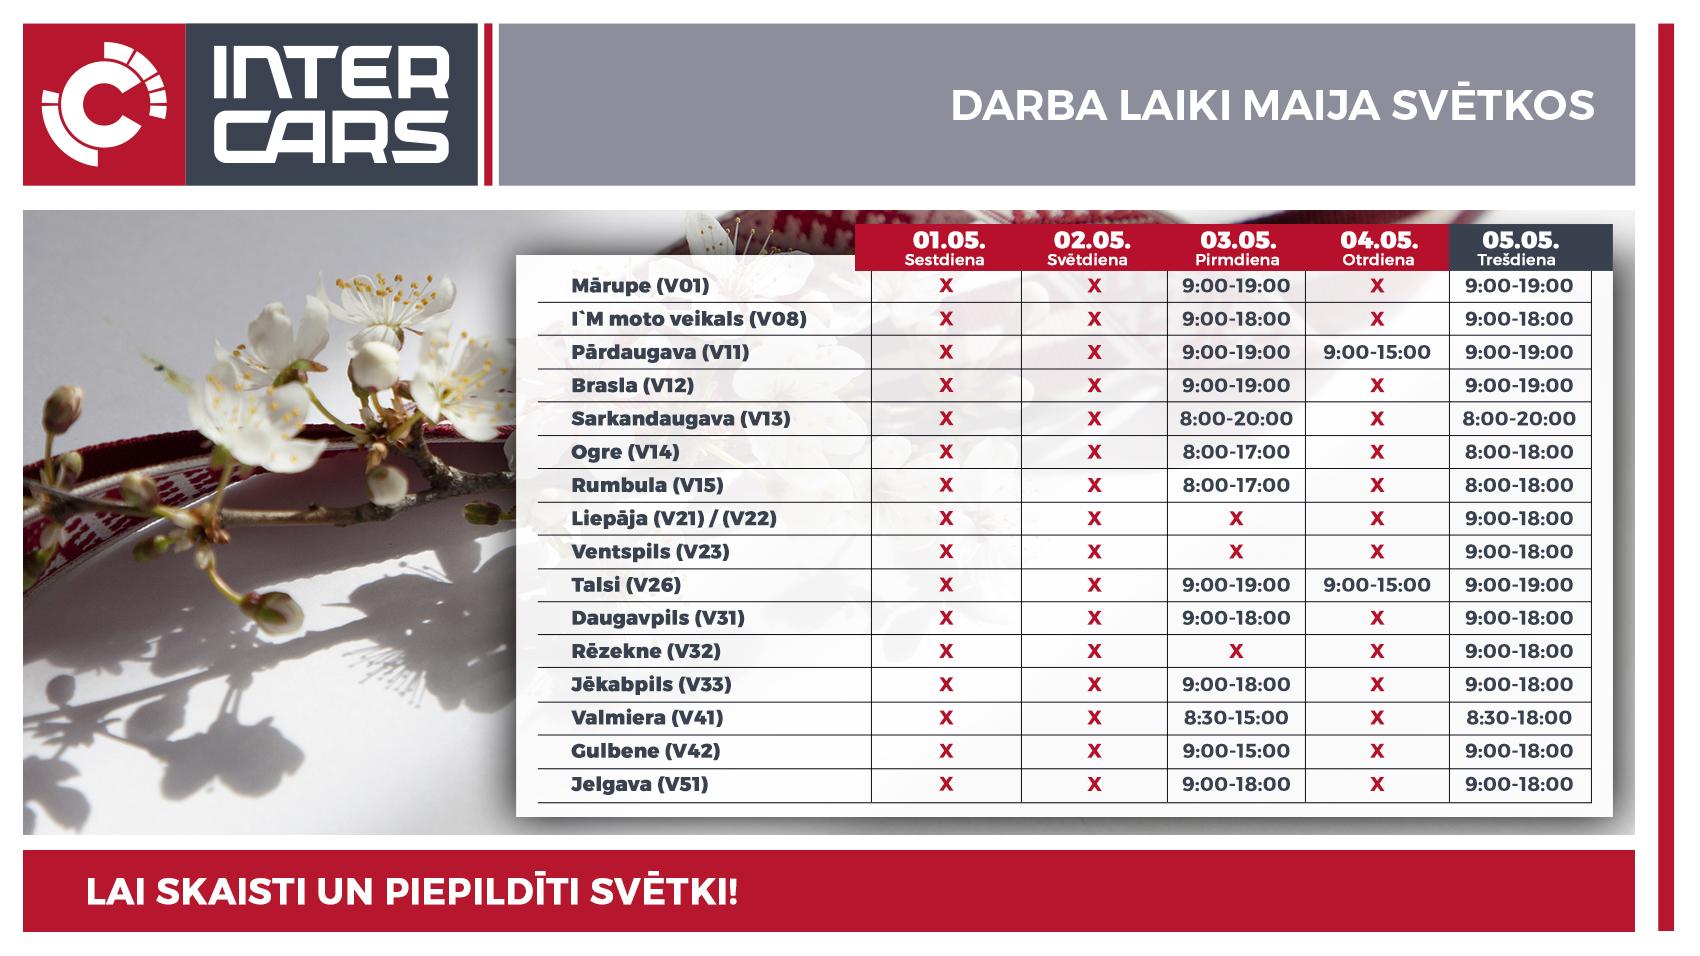 maijasvetki2021-screen.jpg